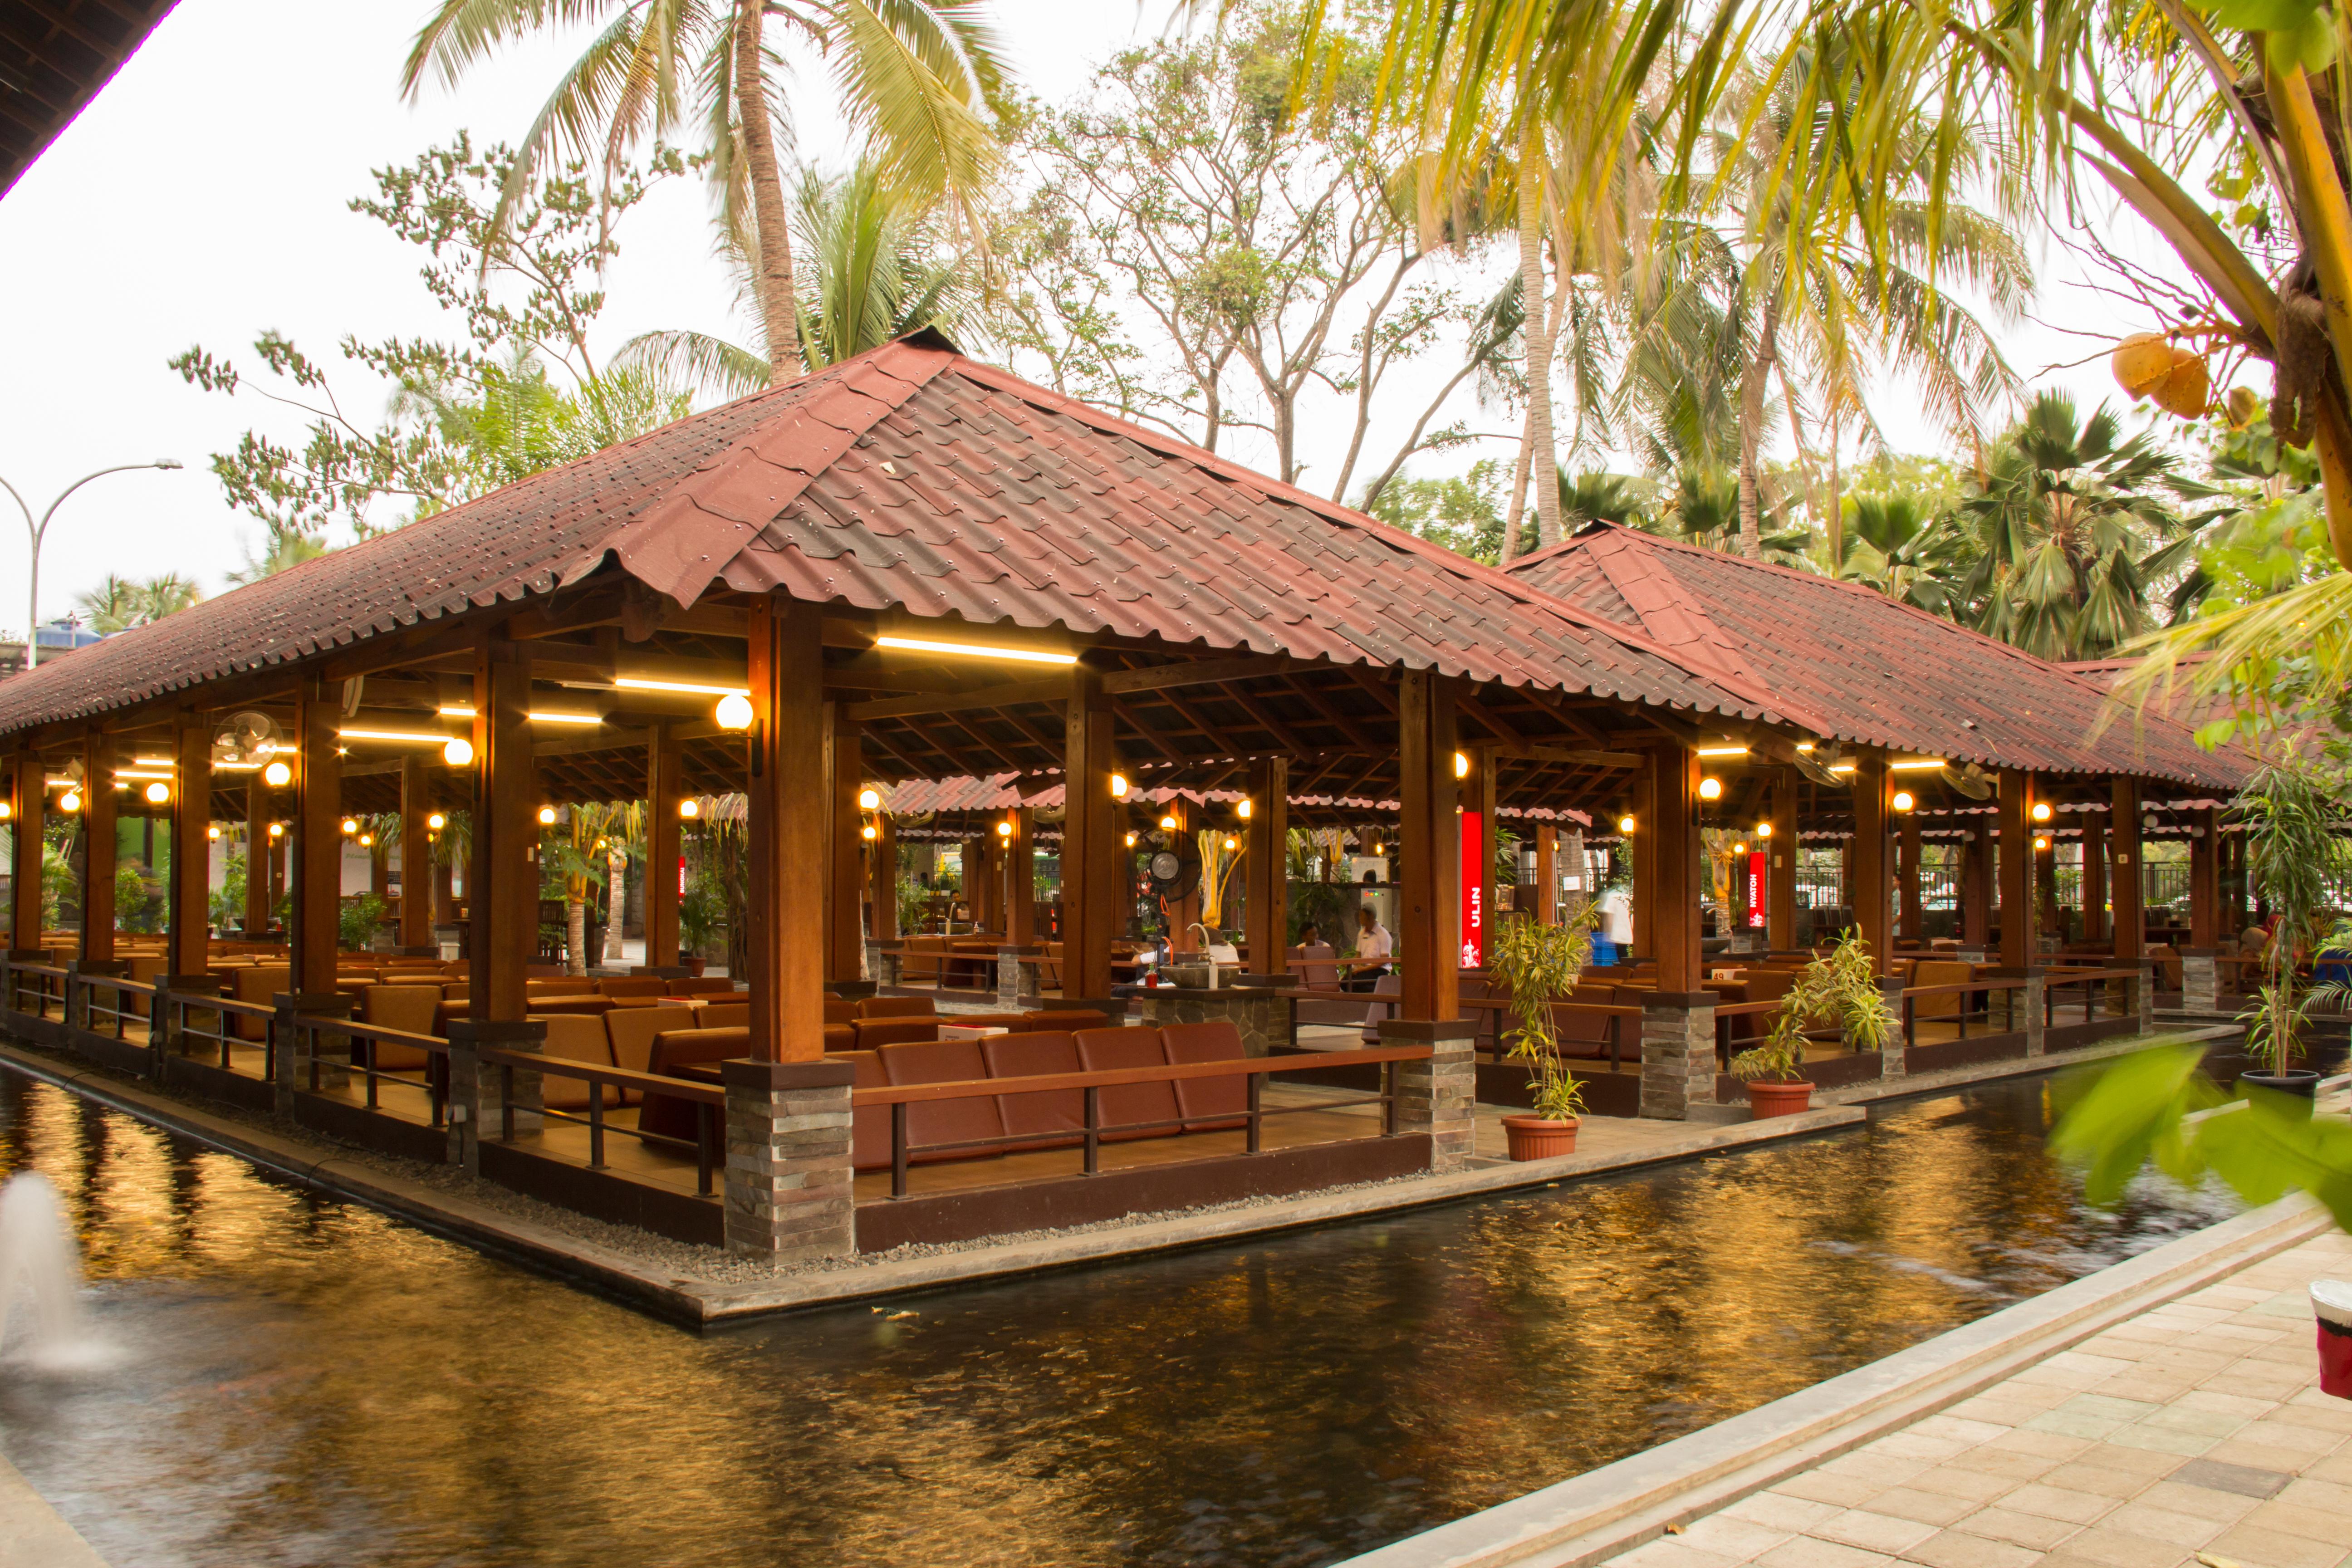 Taman Santap Rumah Kayu Summarecon Gading Serpong Google